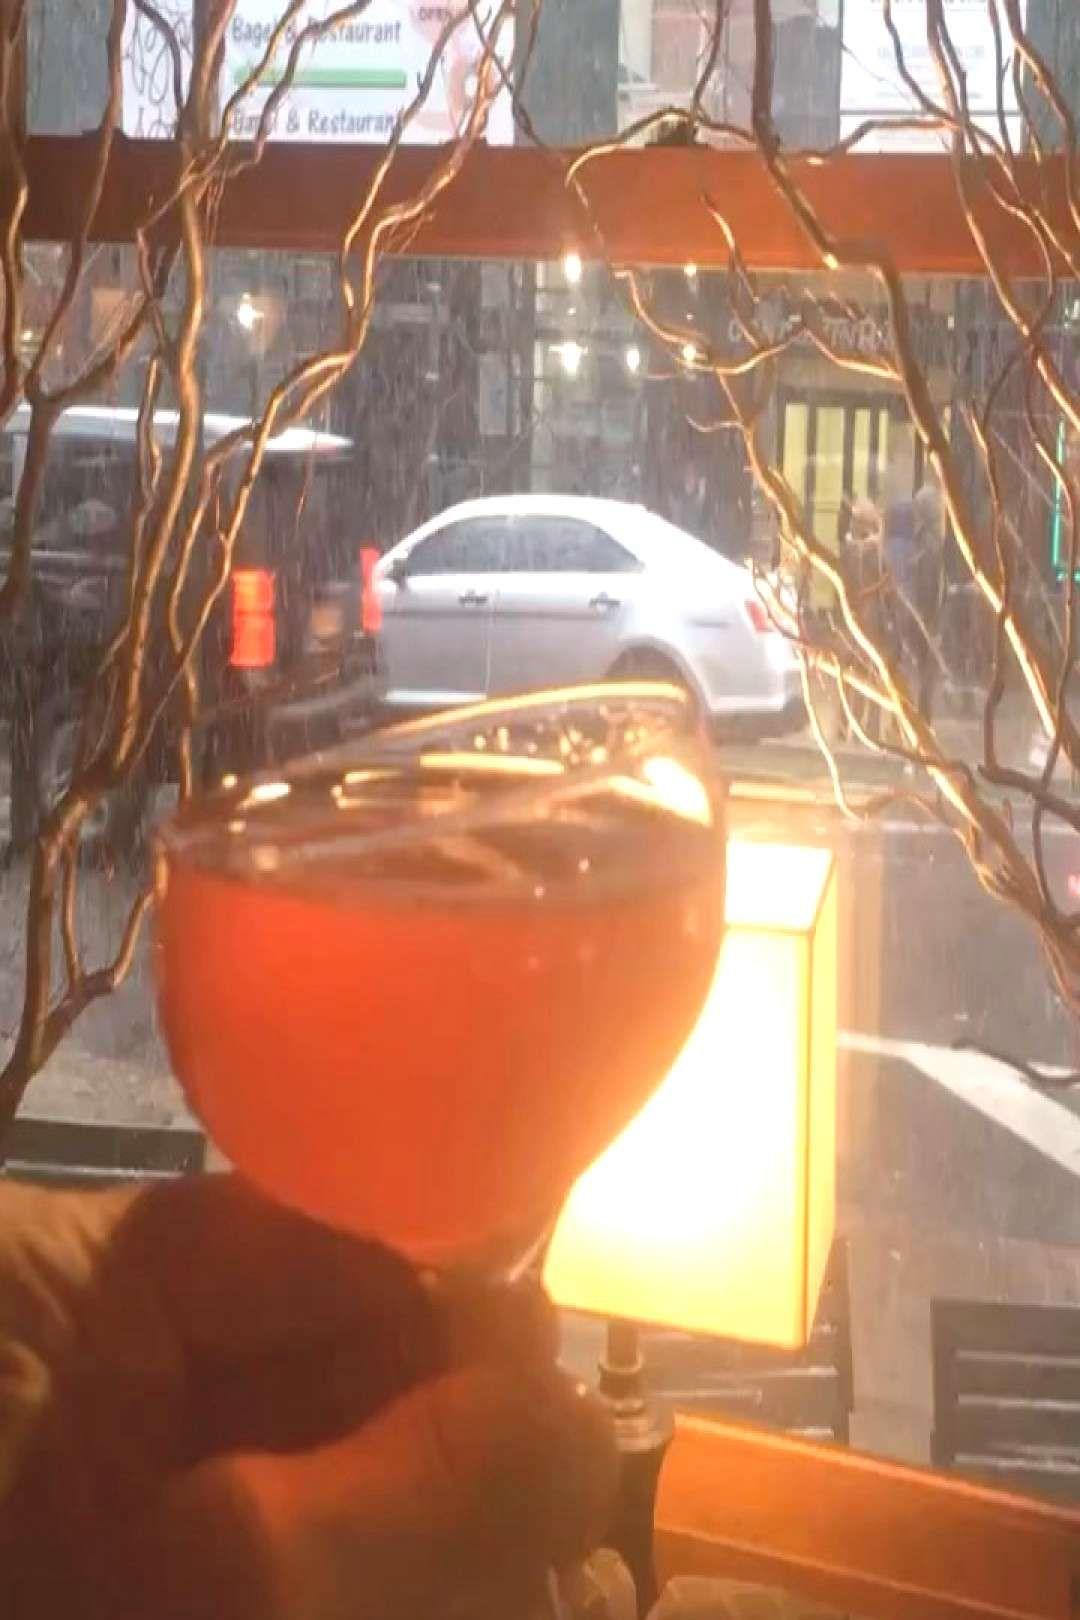 #cosmopolitandrink #prefiro #janeiro #chuva #aaaaa #nova #york #rio #no #de #em #e #d ️ Chuva no Rio de Janeiro? Aaaaa prefiro em Nova York e chuva dYou can find Cosmopolitan drink and more on our website.️ Chuva no Rio d...